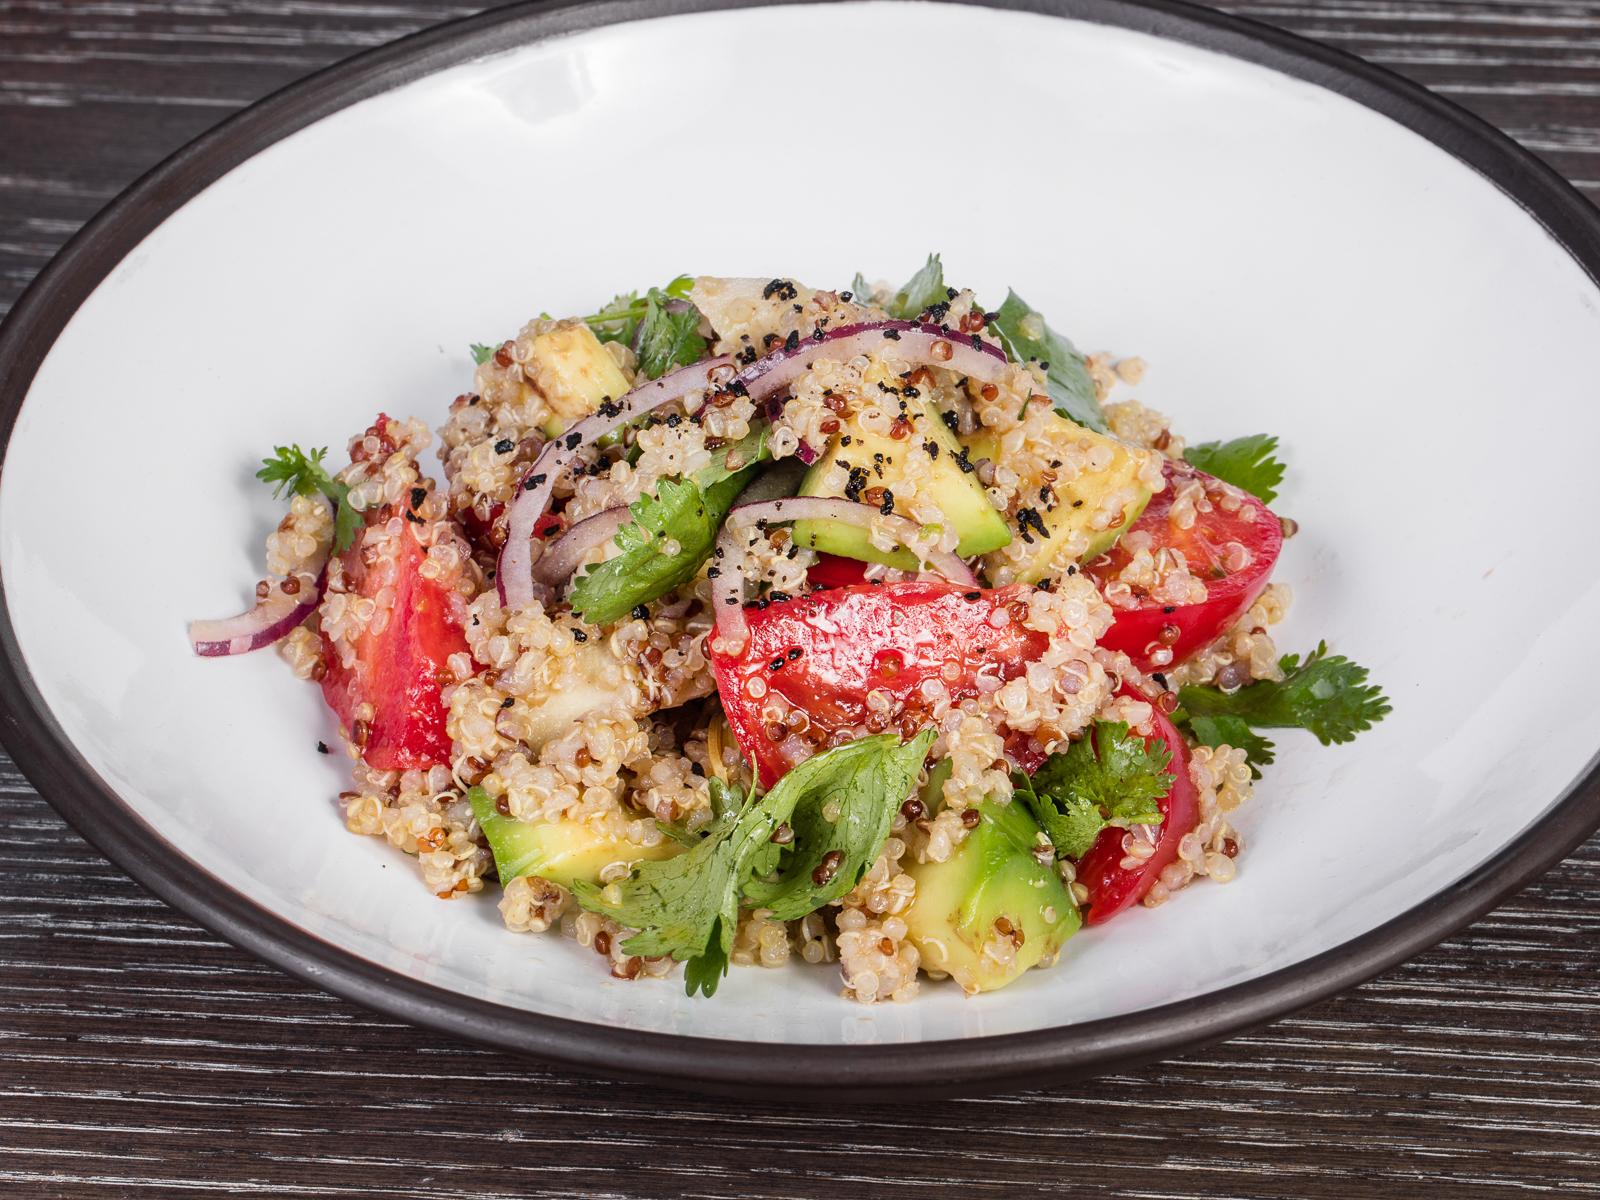 Салат из свежих овощей с киноа и артишоками